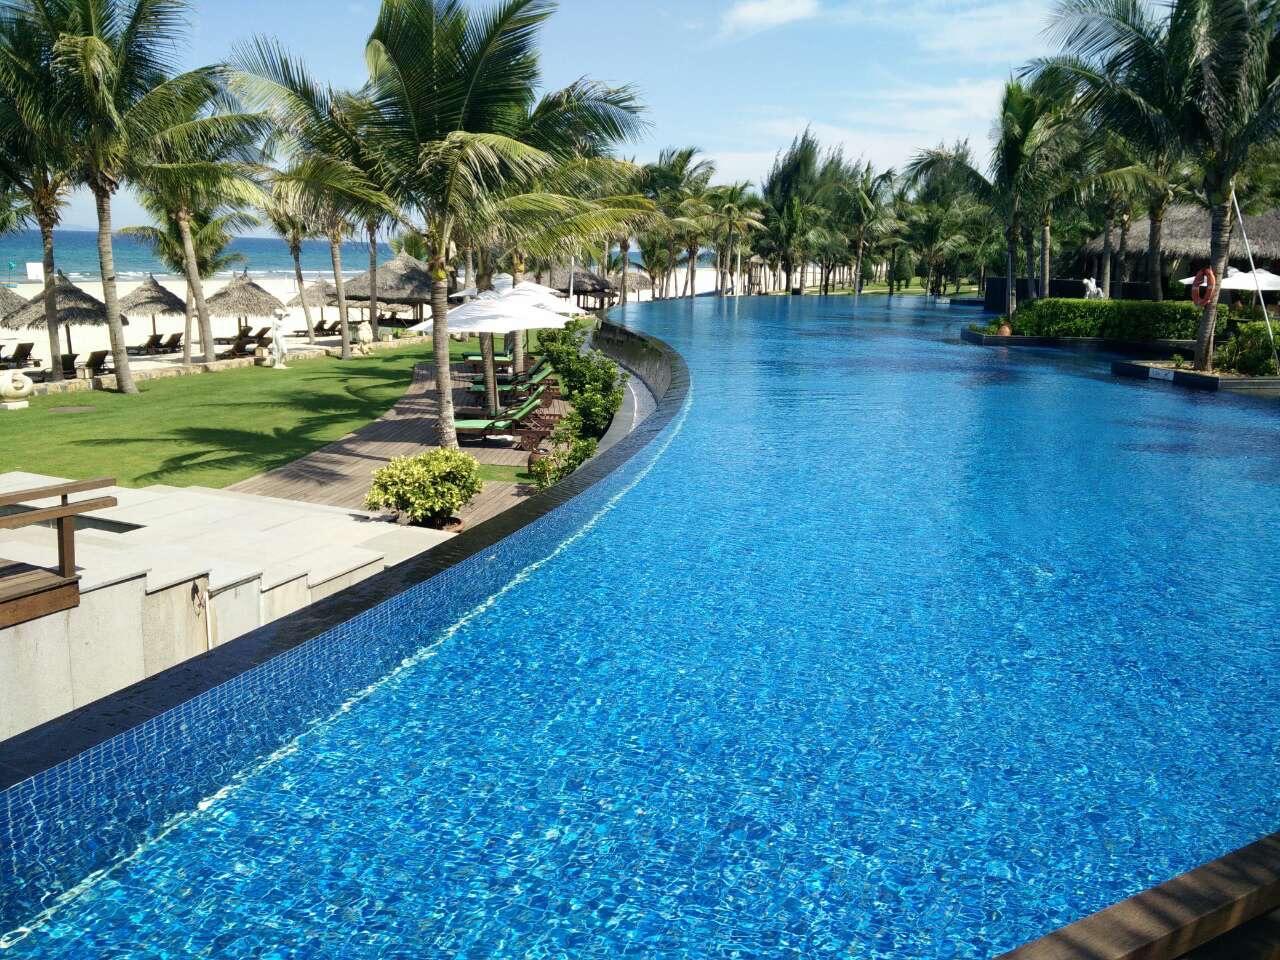 khong-gian-vinpearl-da-nang-resort-villas